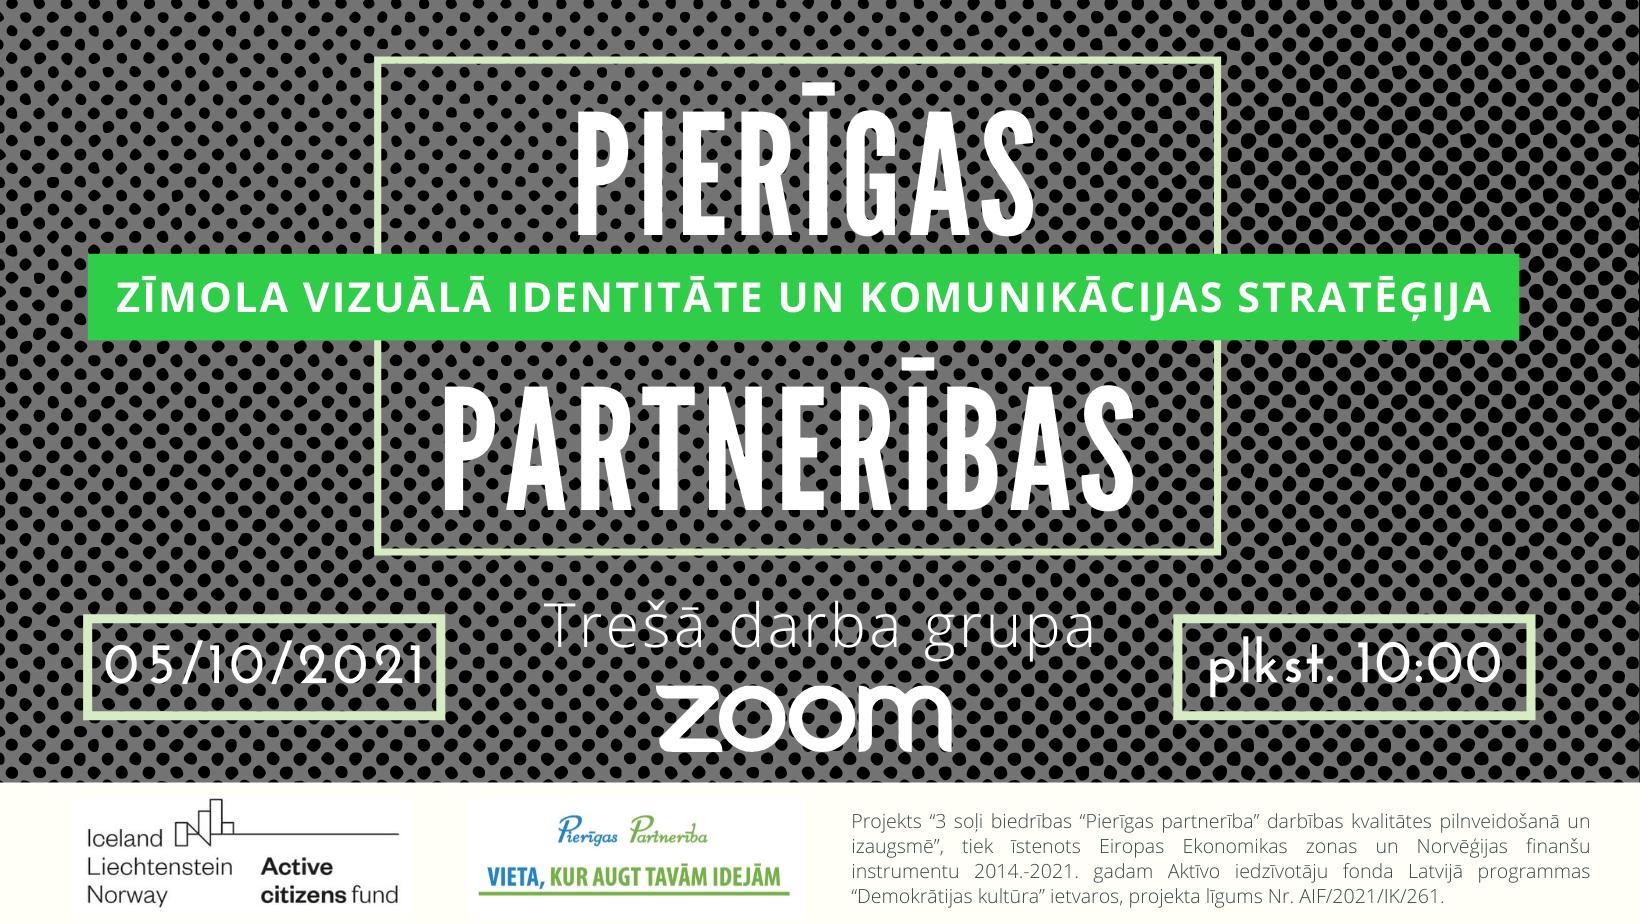 """""""Pierīgas Partnerības"""" zīmola vizuālā identitāte un komunikācijas stratēģija – trešā darba grupa"""